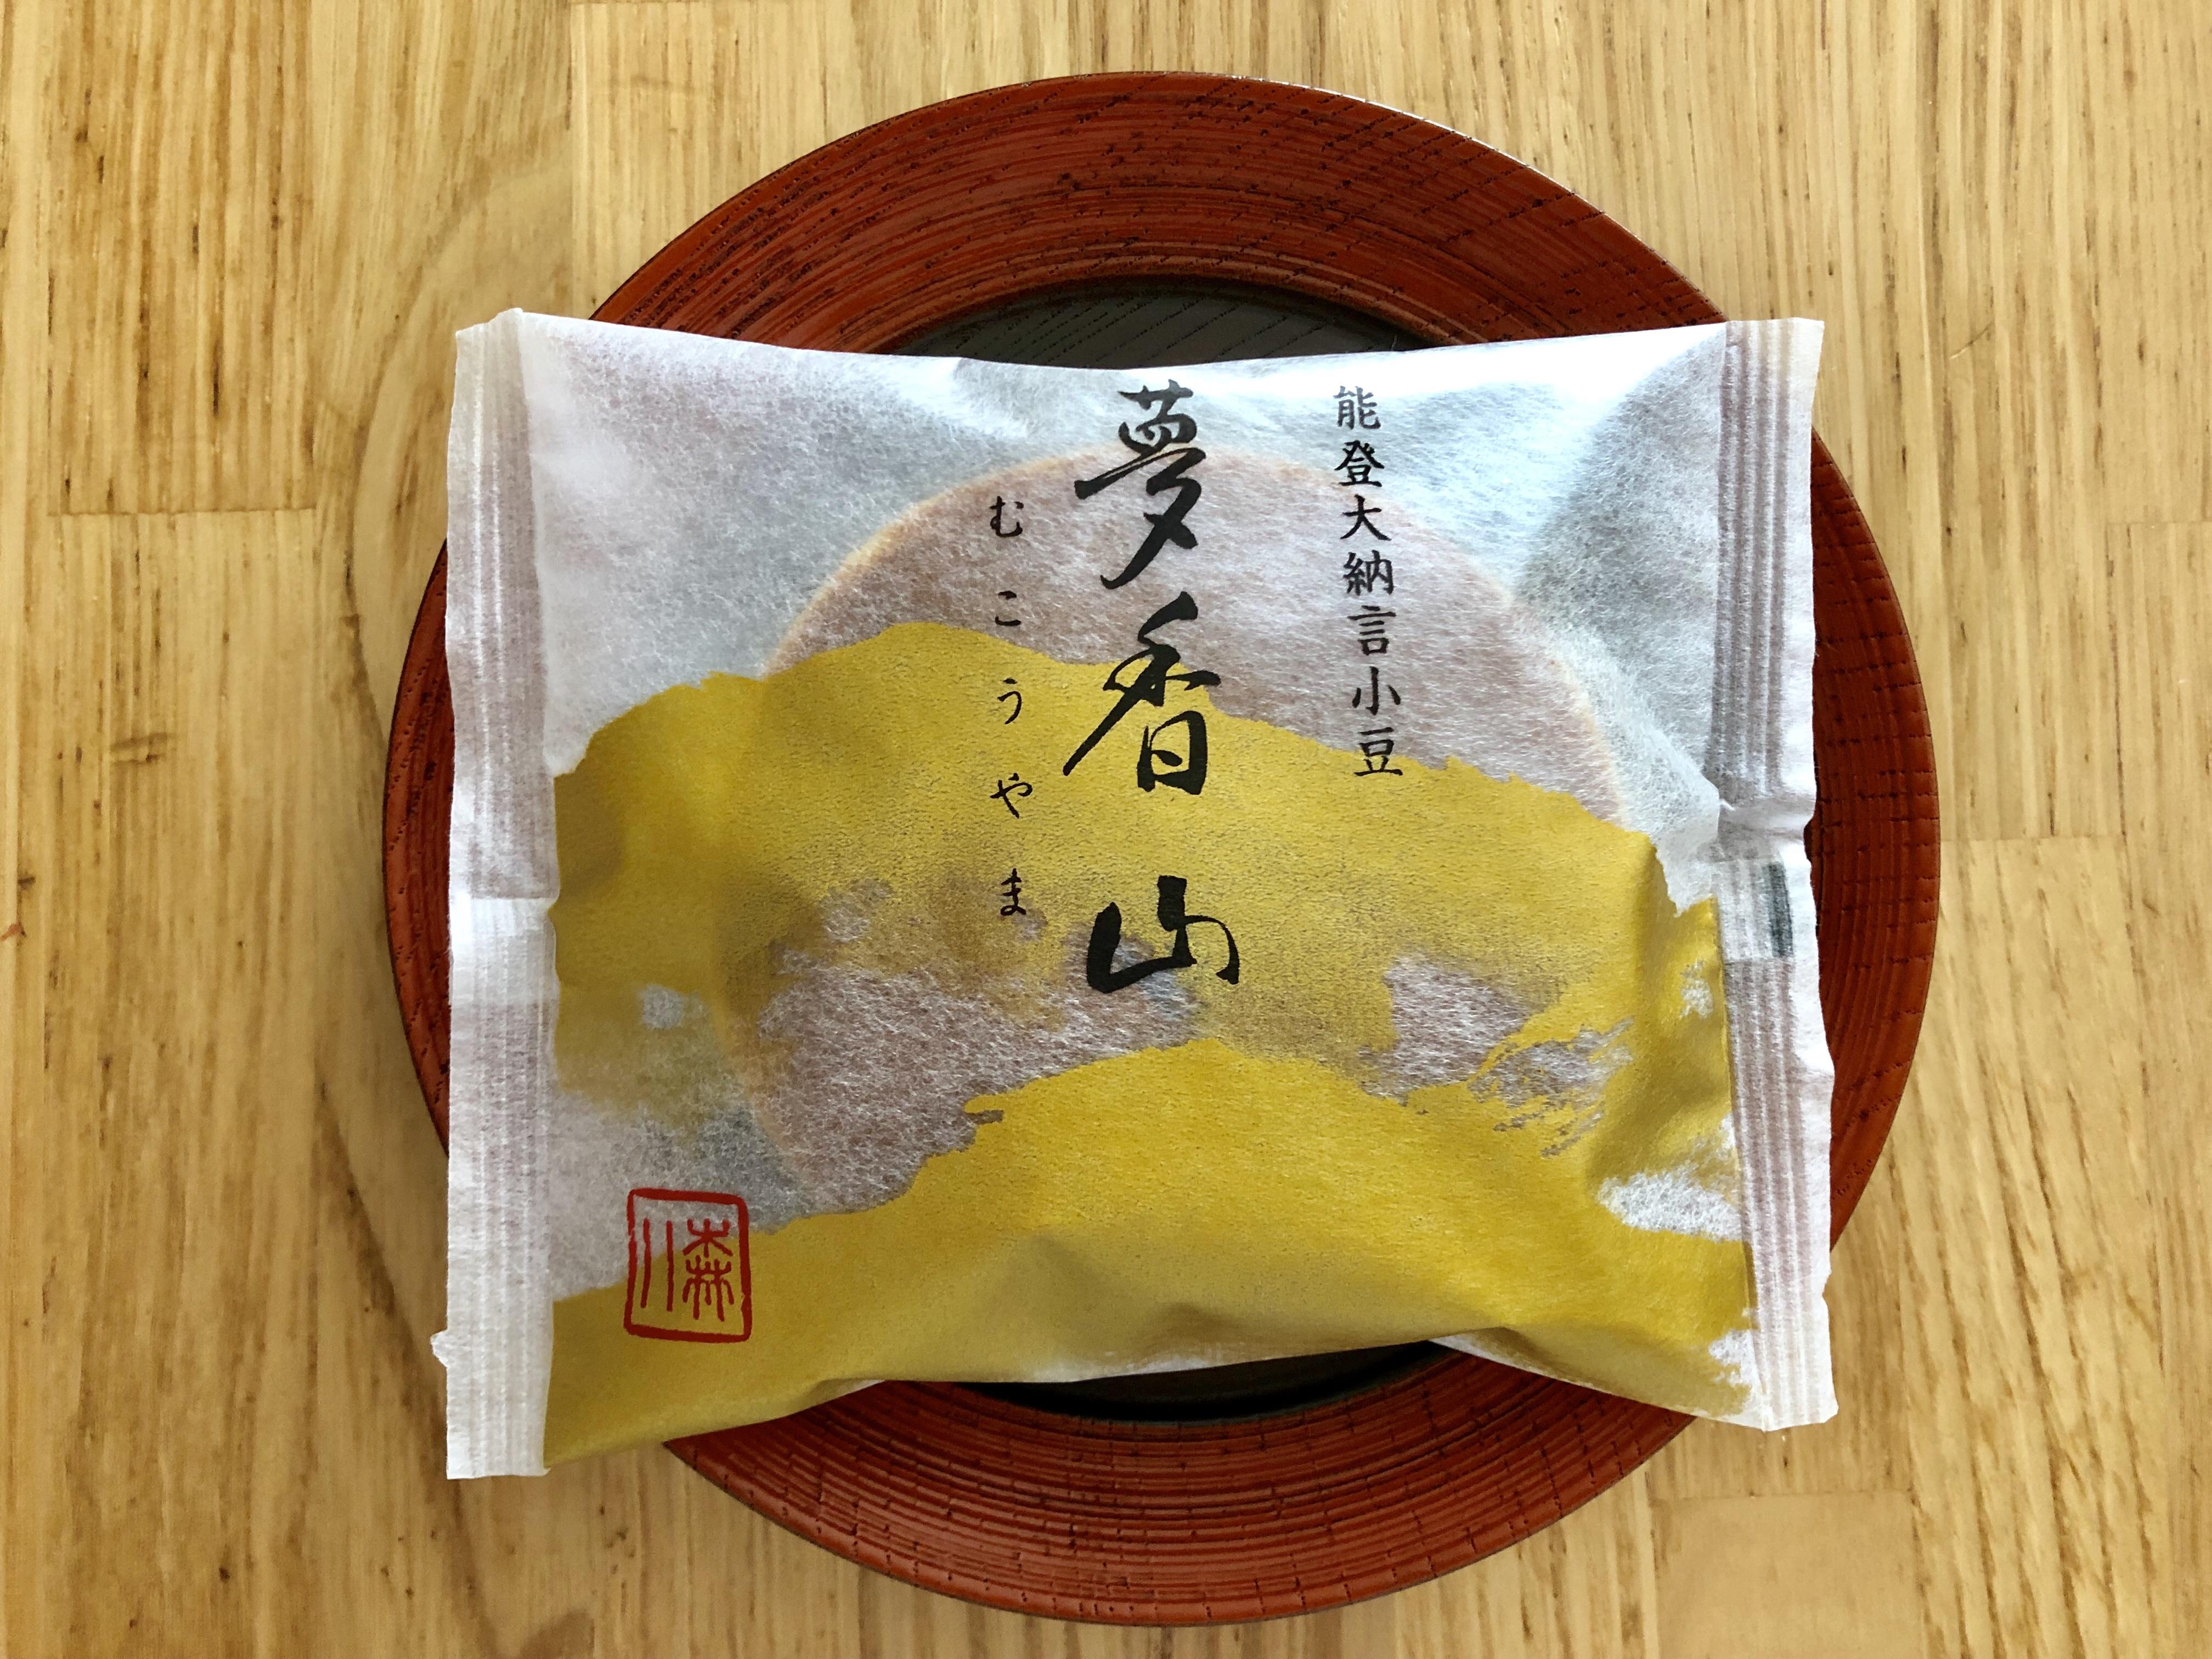 金沢市の森八のどら焼きの夢香山